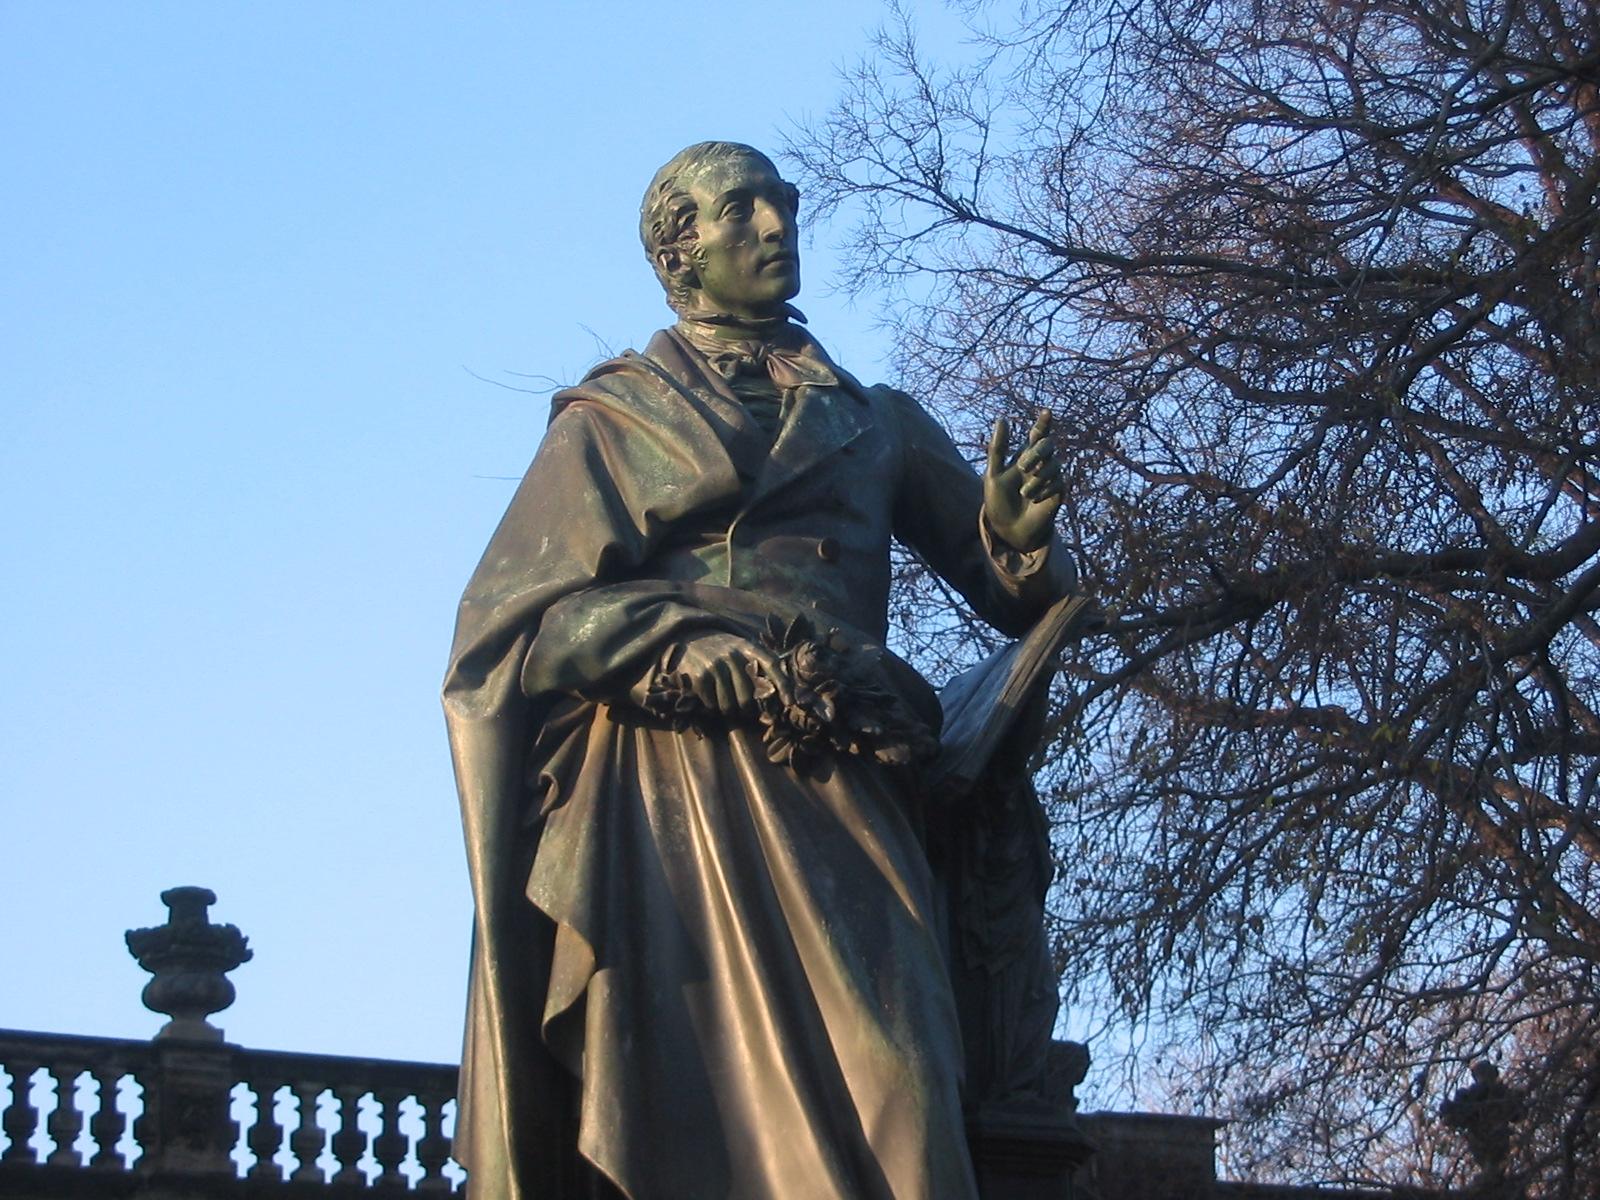 Weberov pamätník v Dráždanoch, vytvorený sochárom Ernstom Rietschelom v rokoch 1855 - 1860